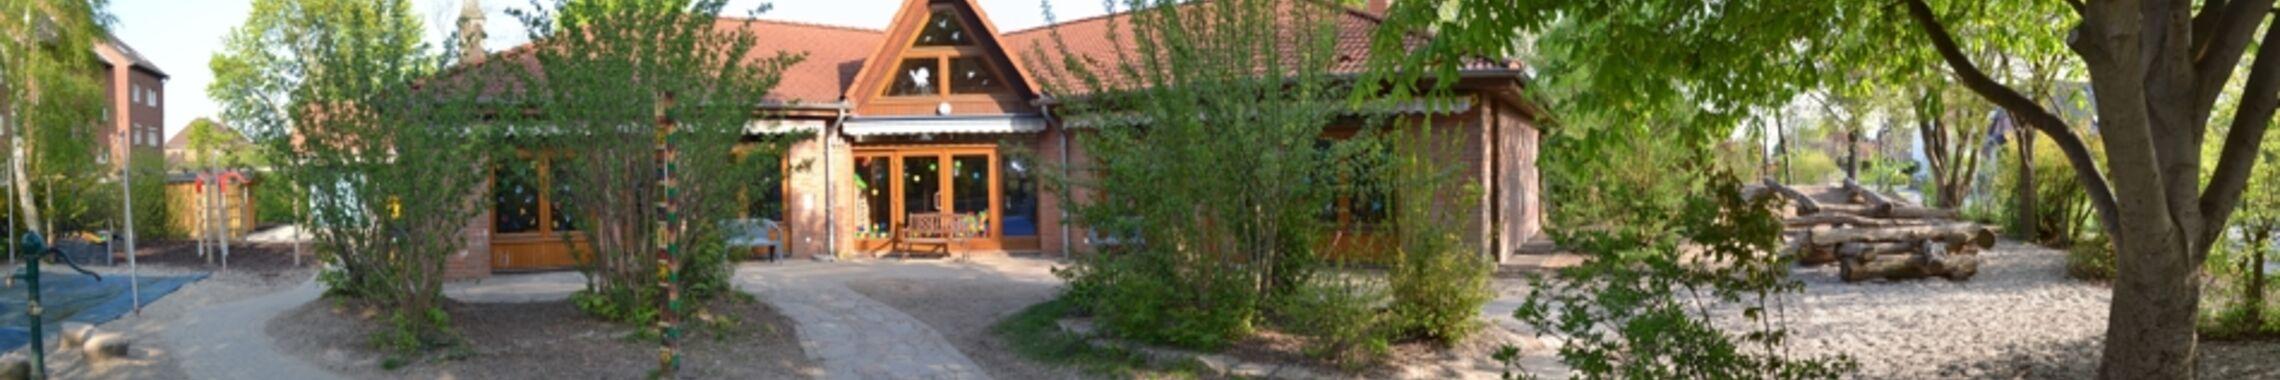 kigagarten